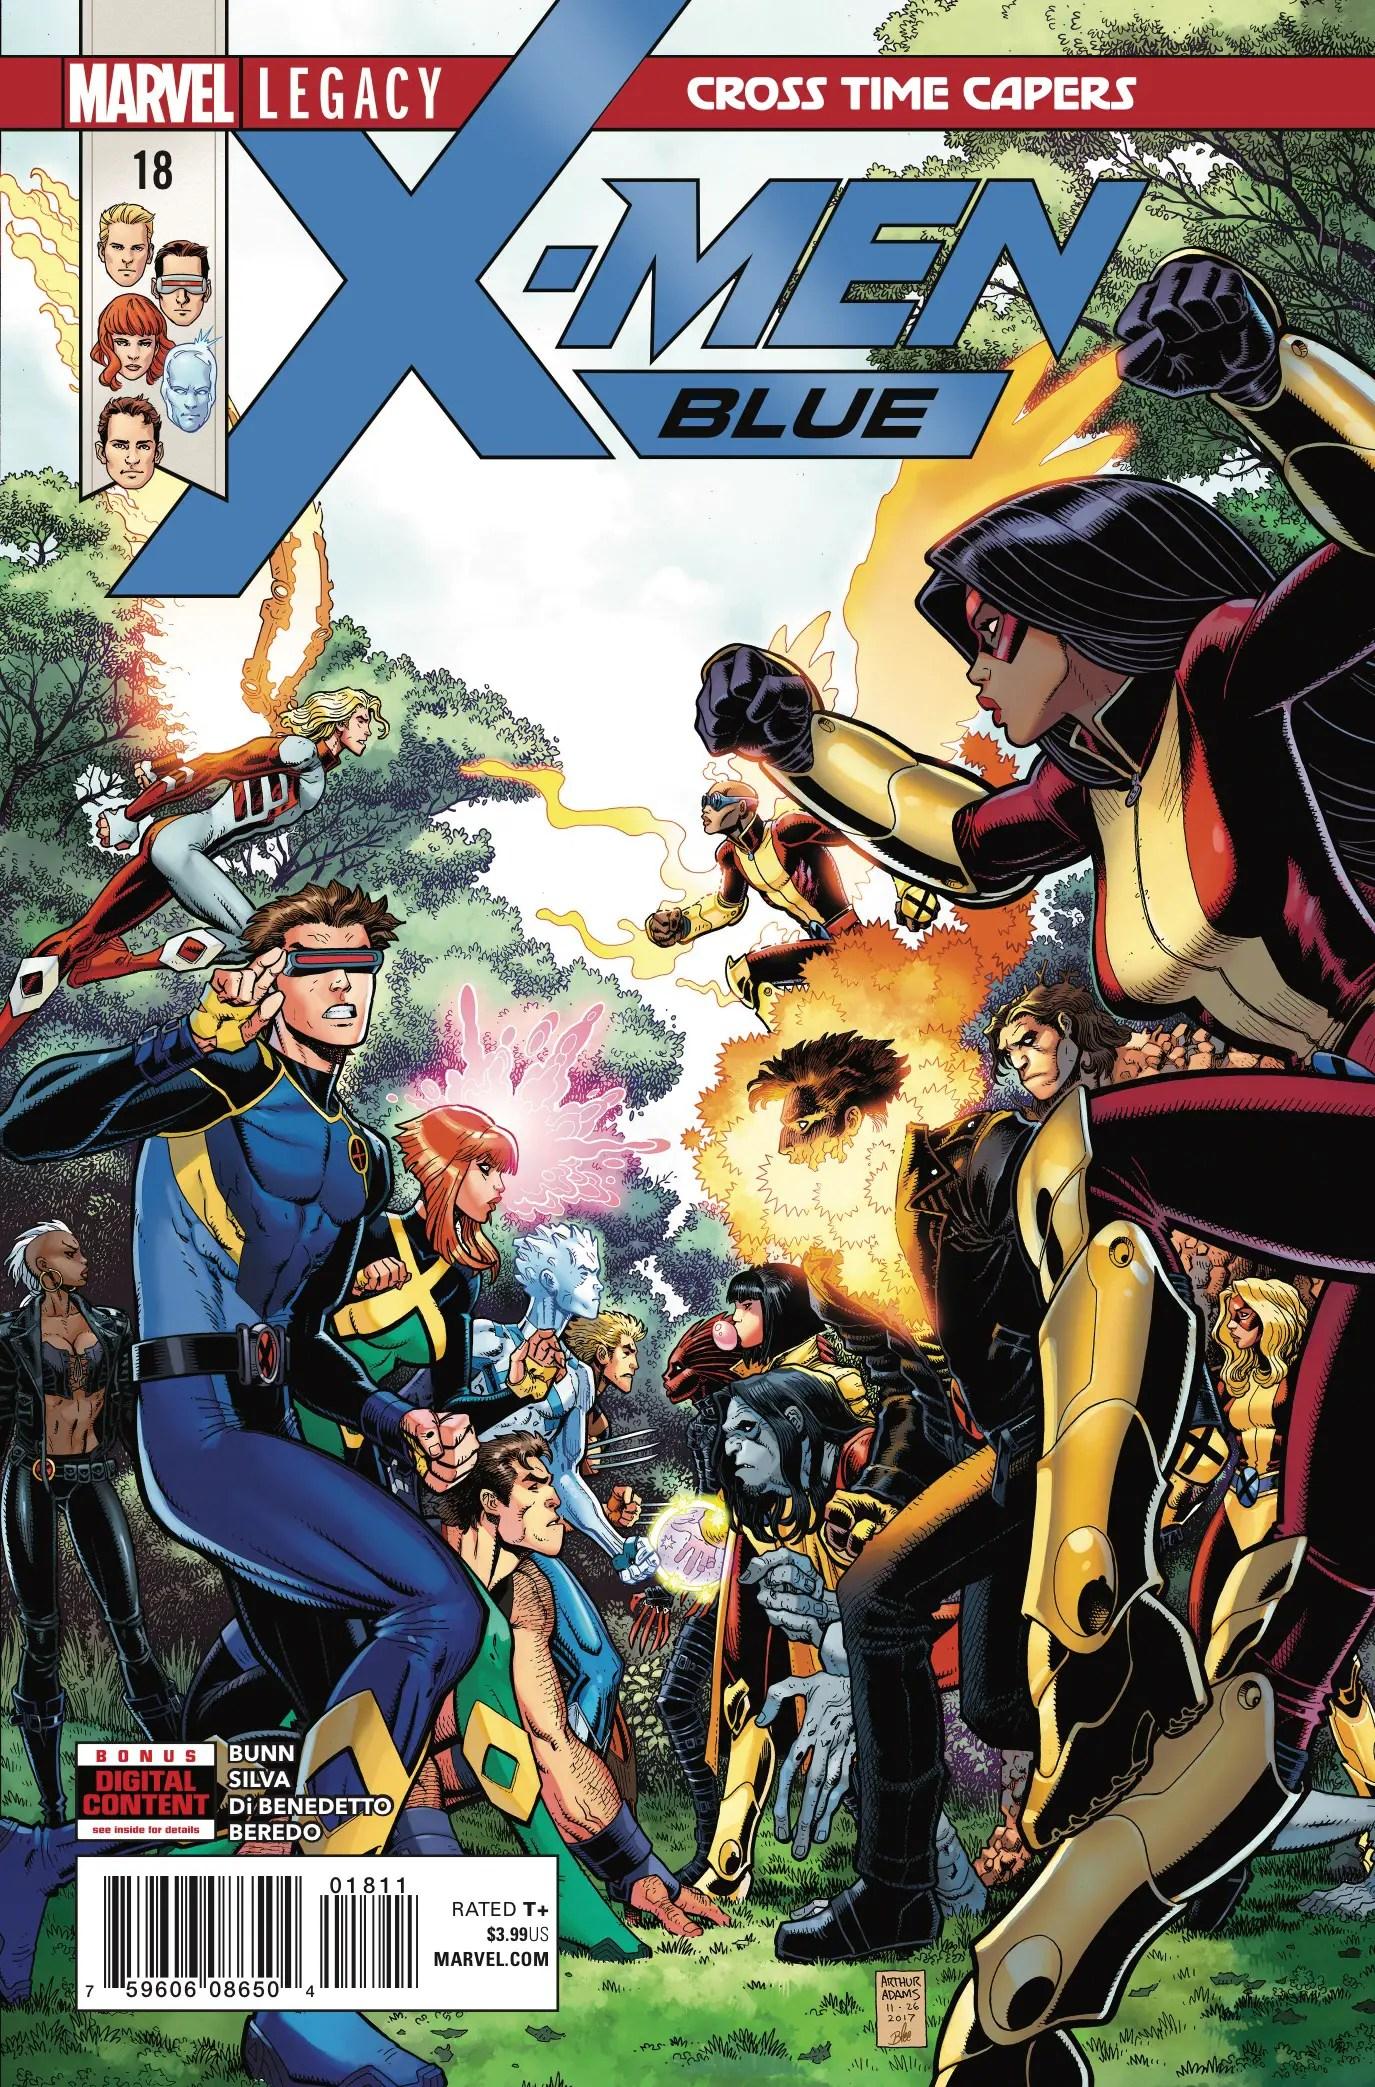 X-Men: Blue #18 Review